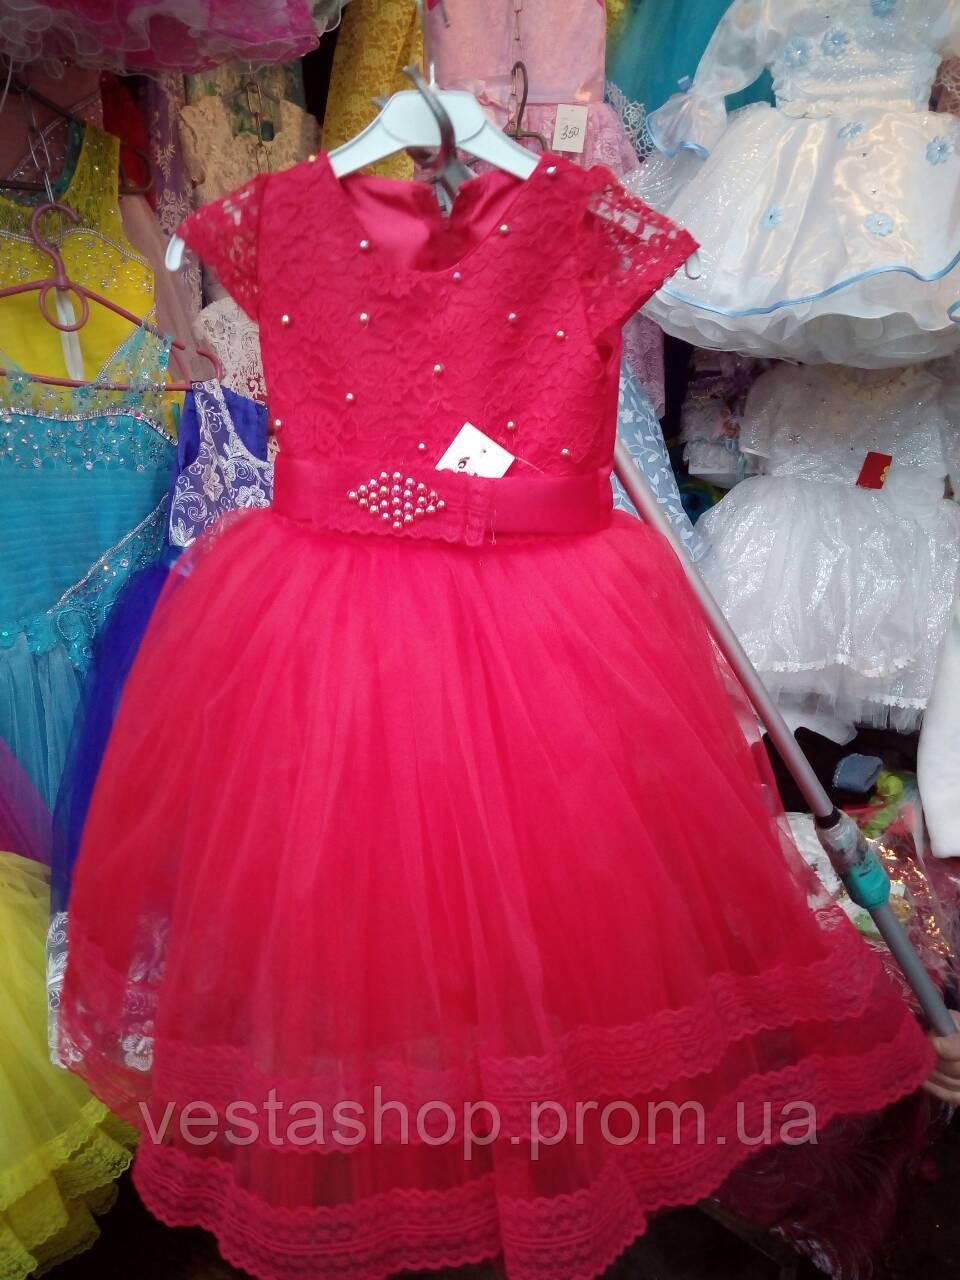 8e47e6ba85fad2d Детское платье из фатина красного цвета 2-5 лет -